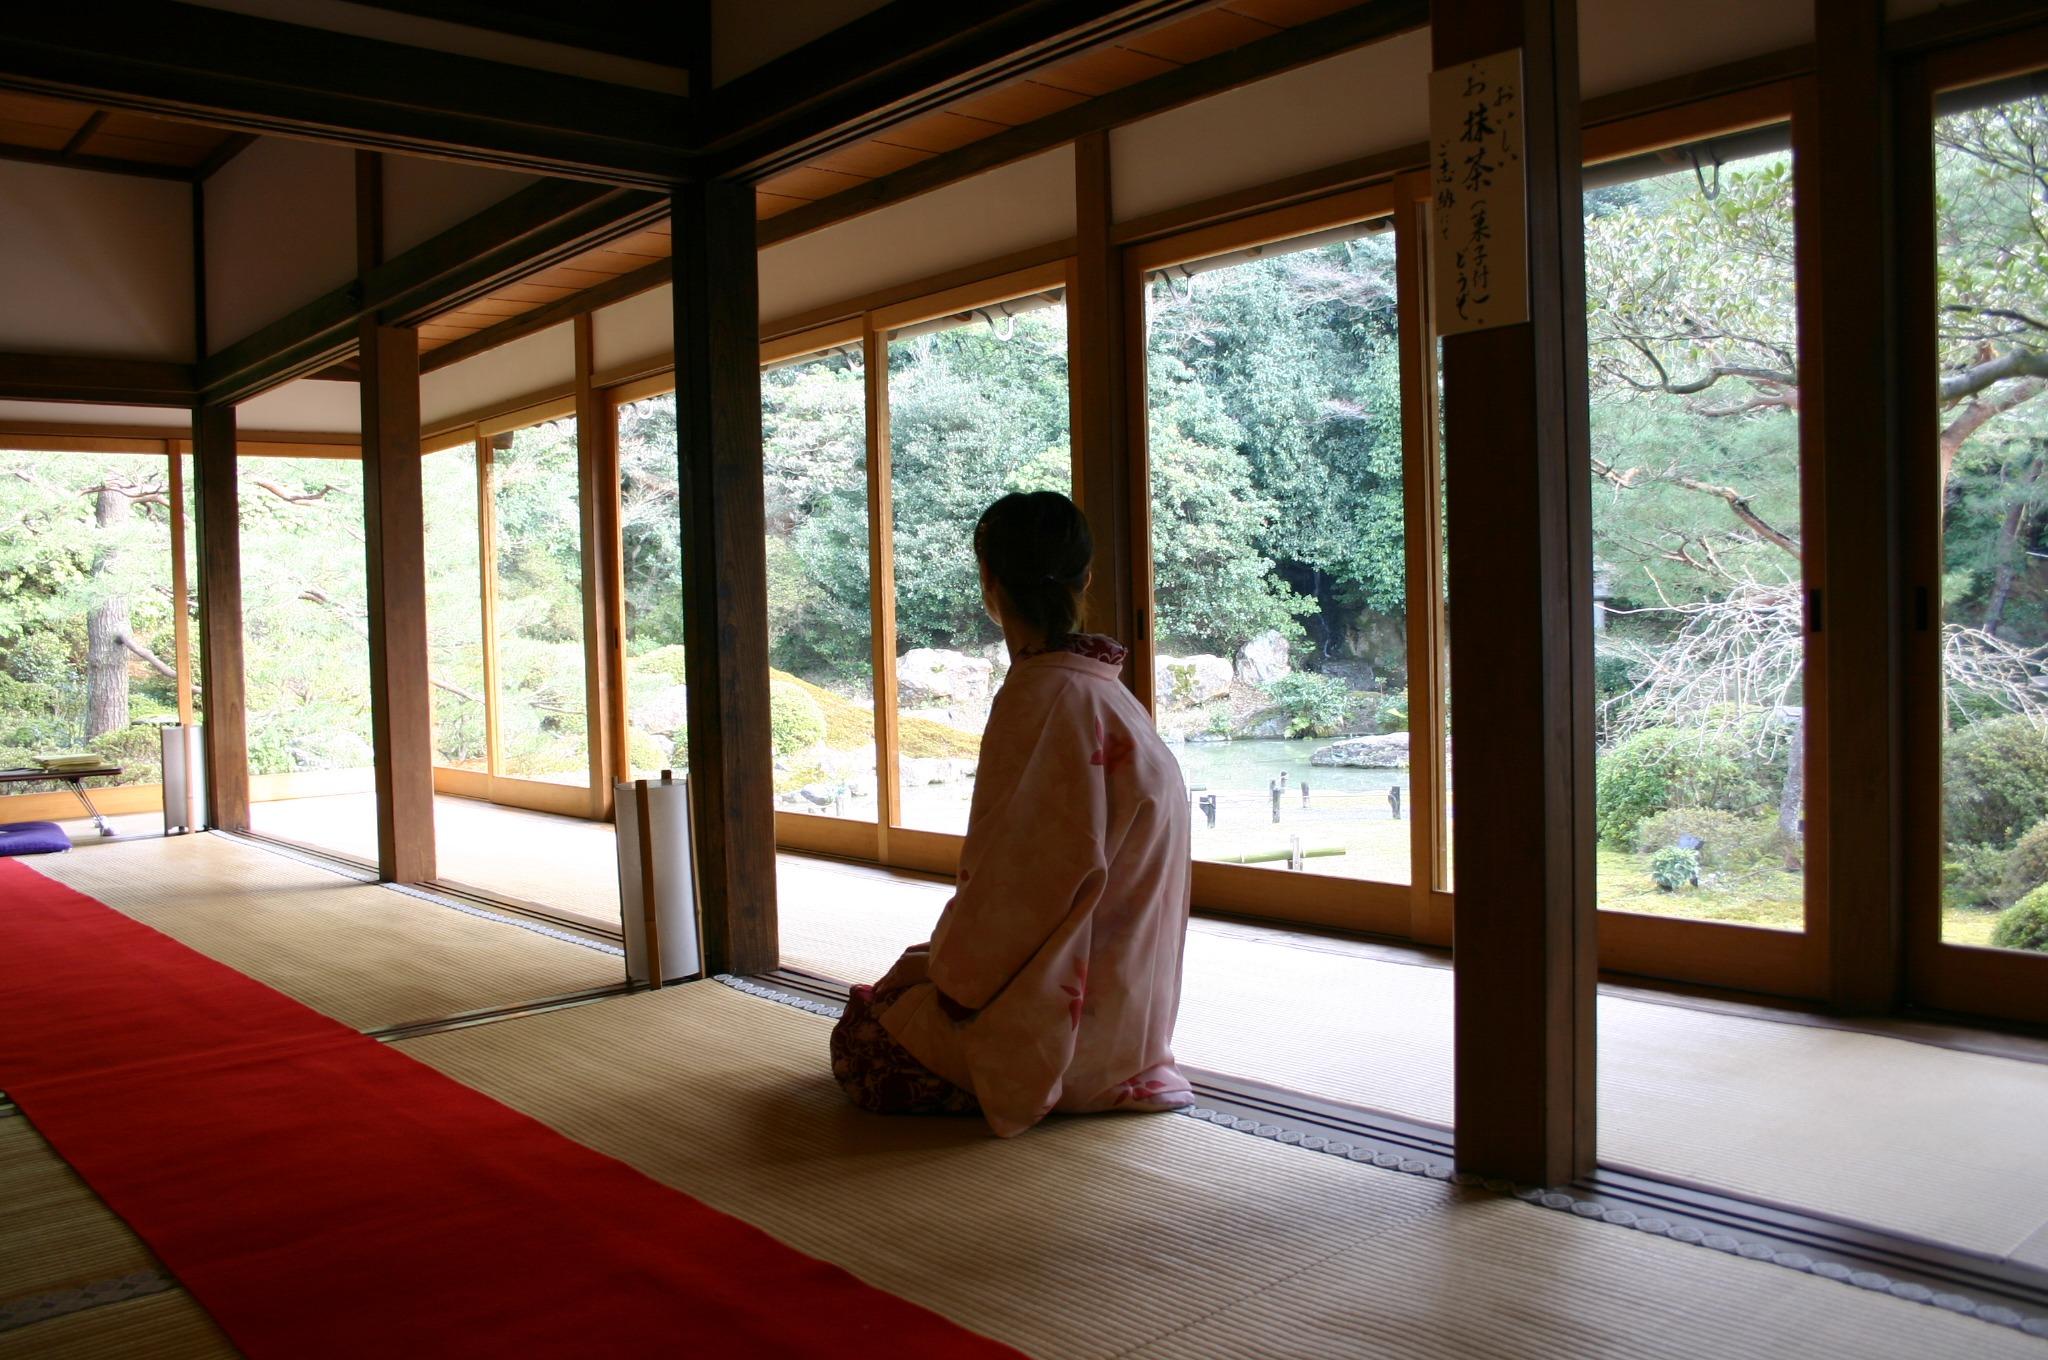 そうだ、京都行こうのマネ